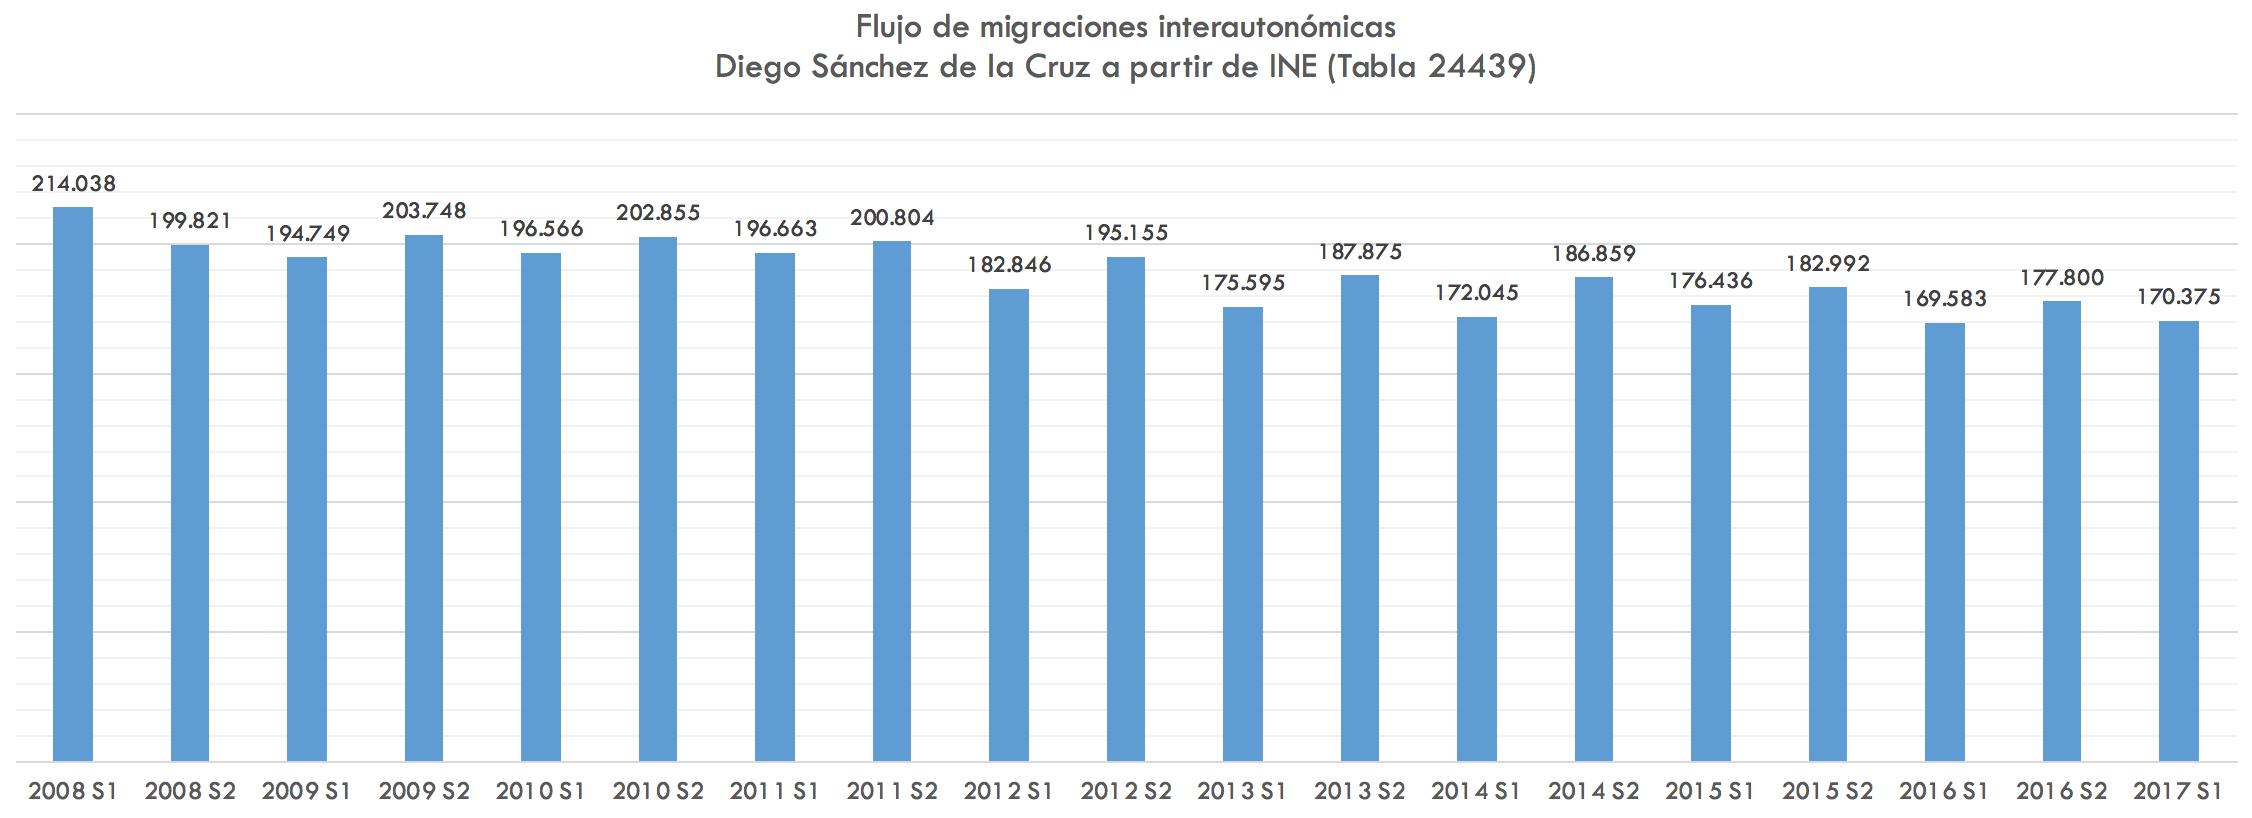 1-flujo-emigrantes-madrid-cataluna.png